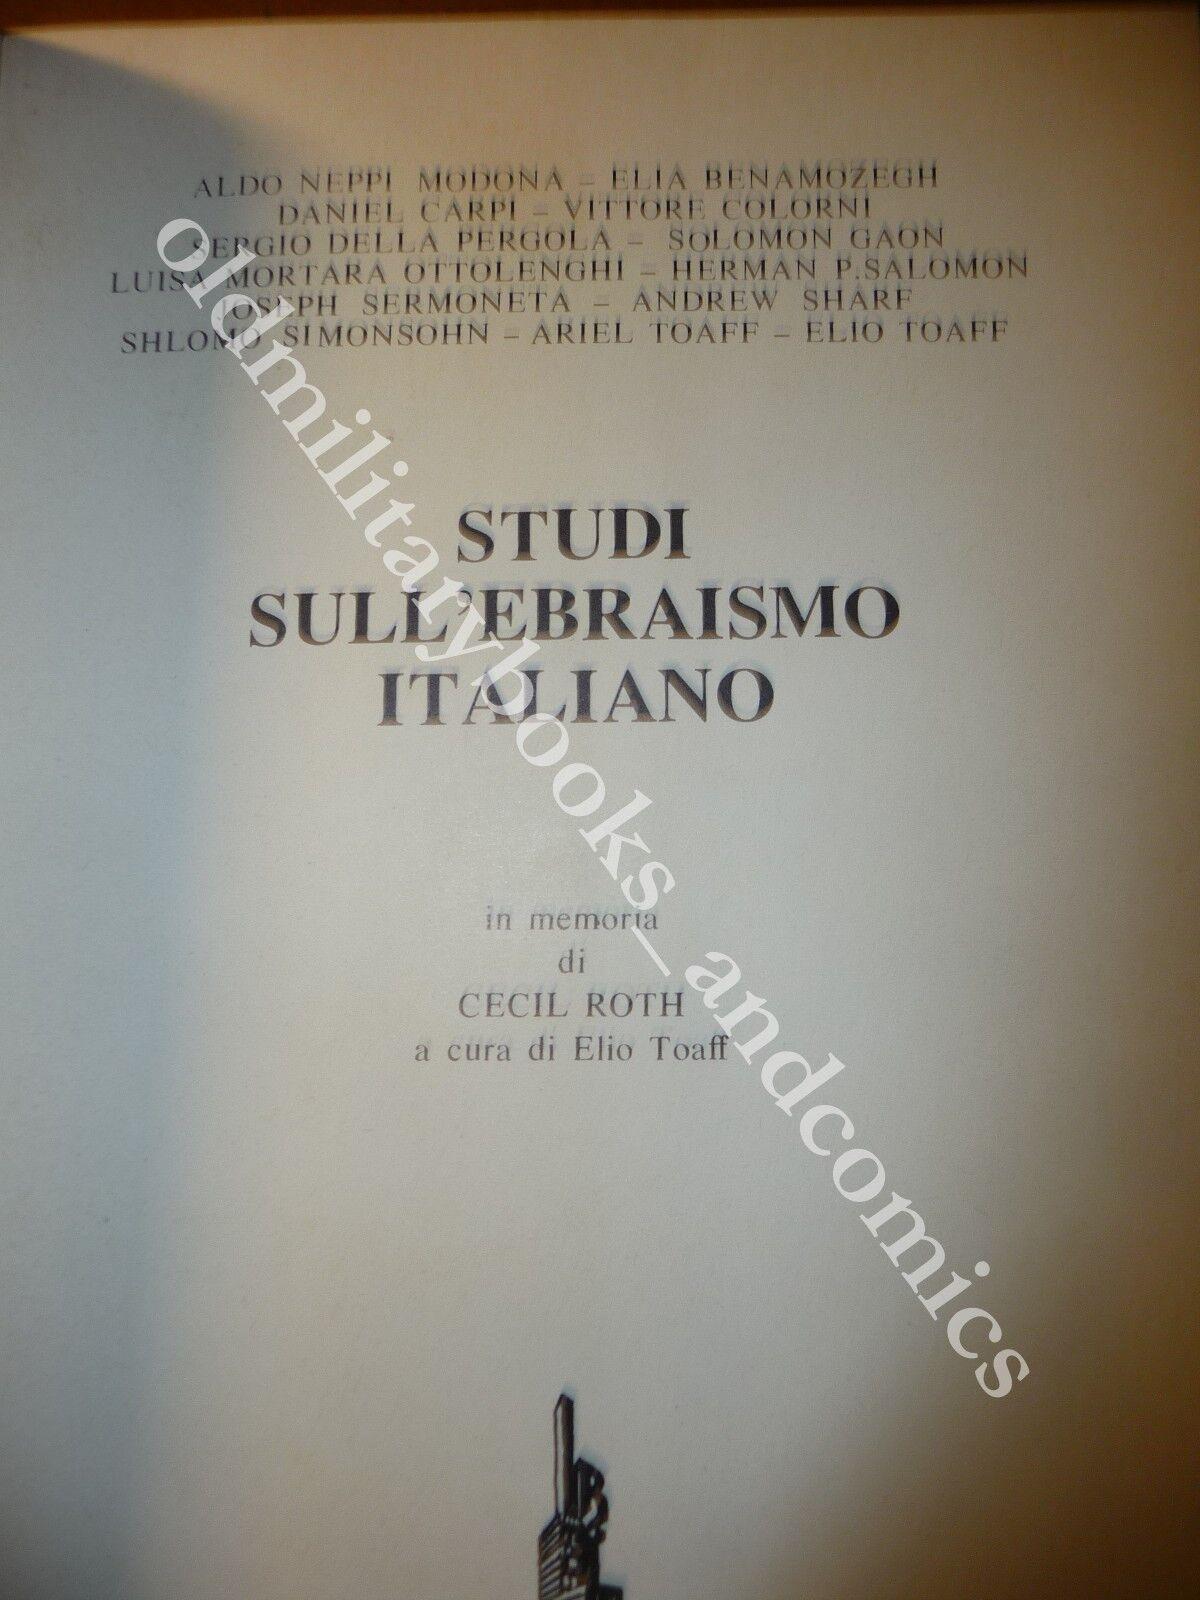 STUDI SULL'EBRAISMO ITALIANO VARI ARTICOLI ANCHE IN INGLESE A CURA DI ELIO TOAFF